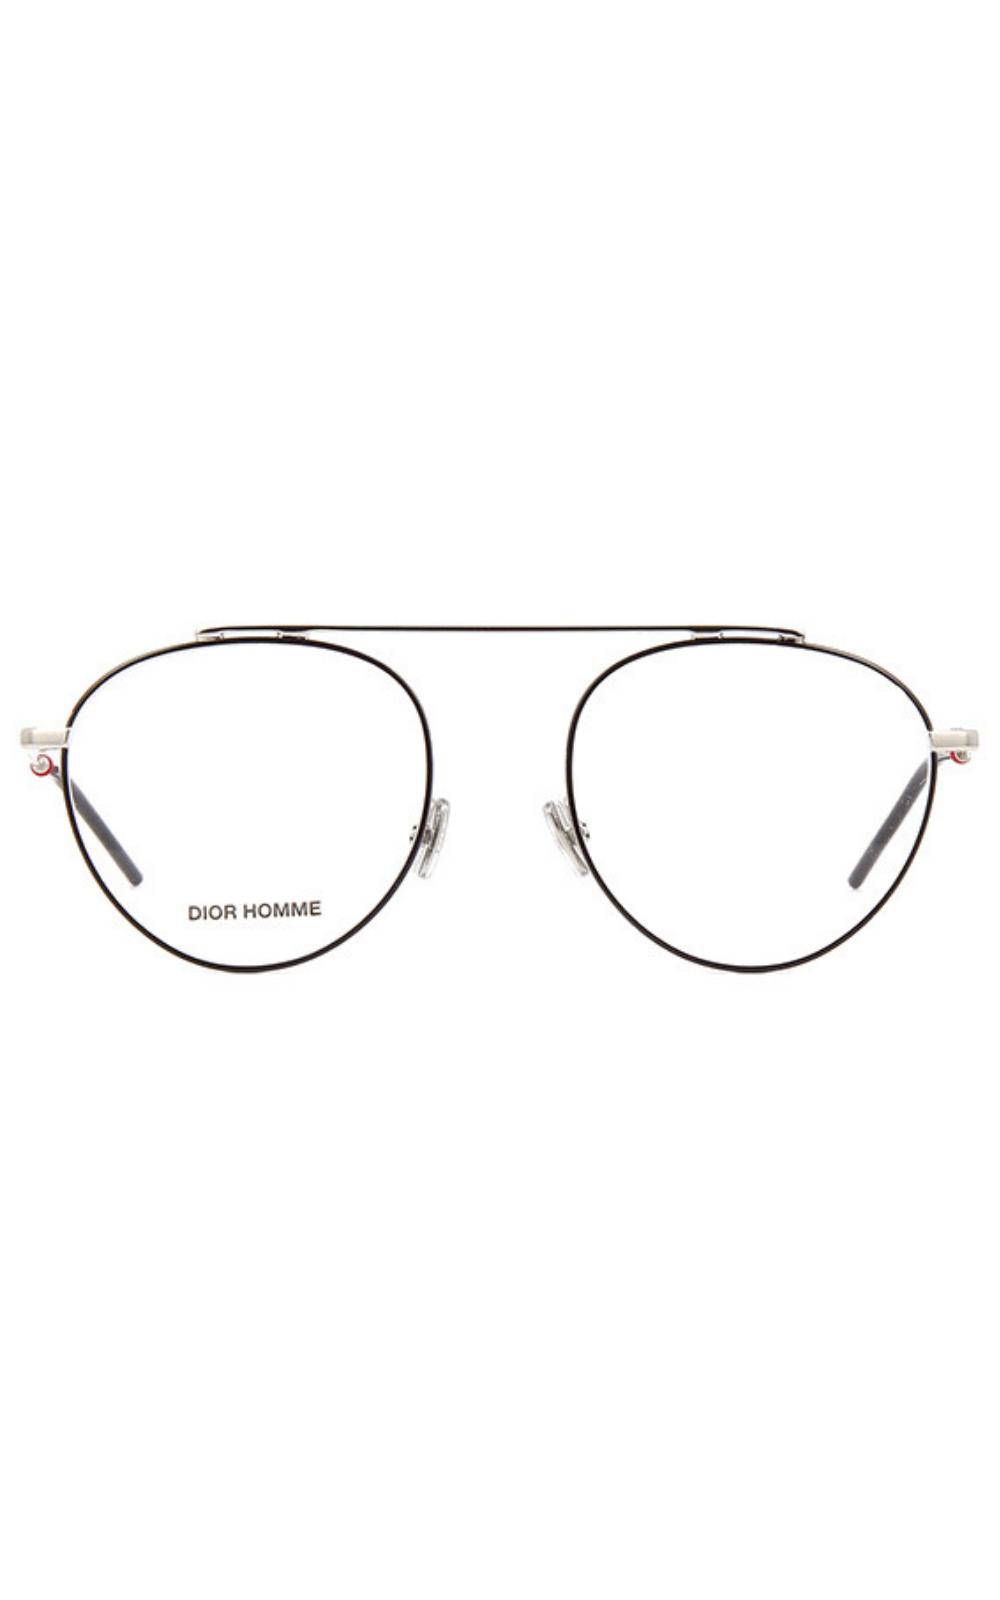 Foto 2 - Óculos de Grau Dior Homme 0227 84J